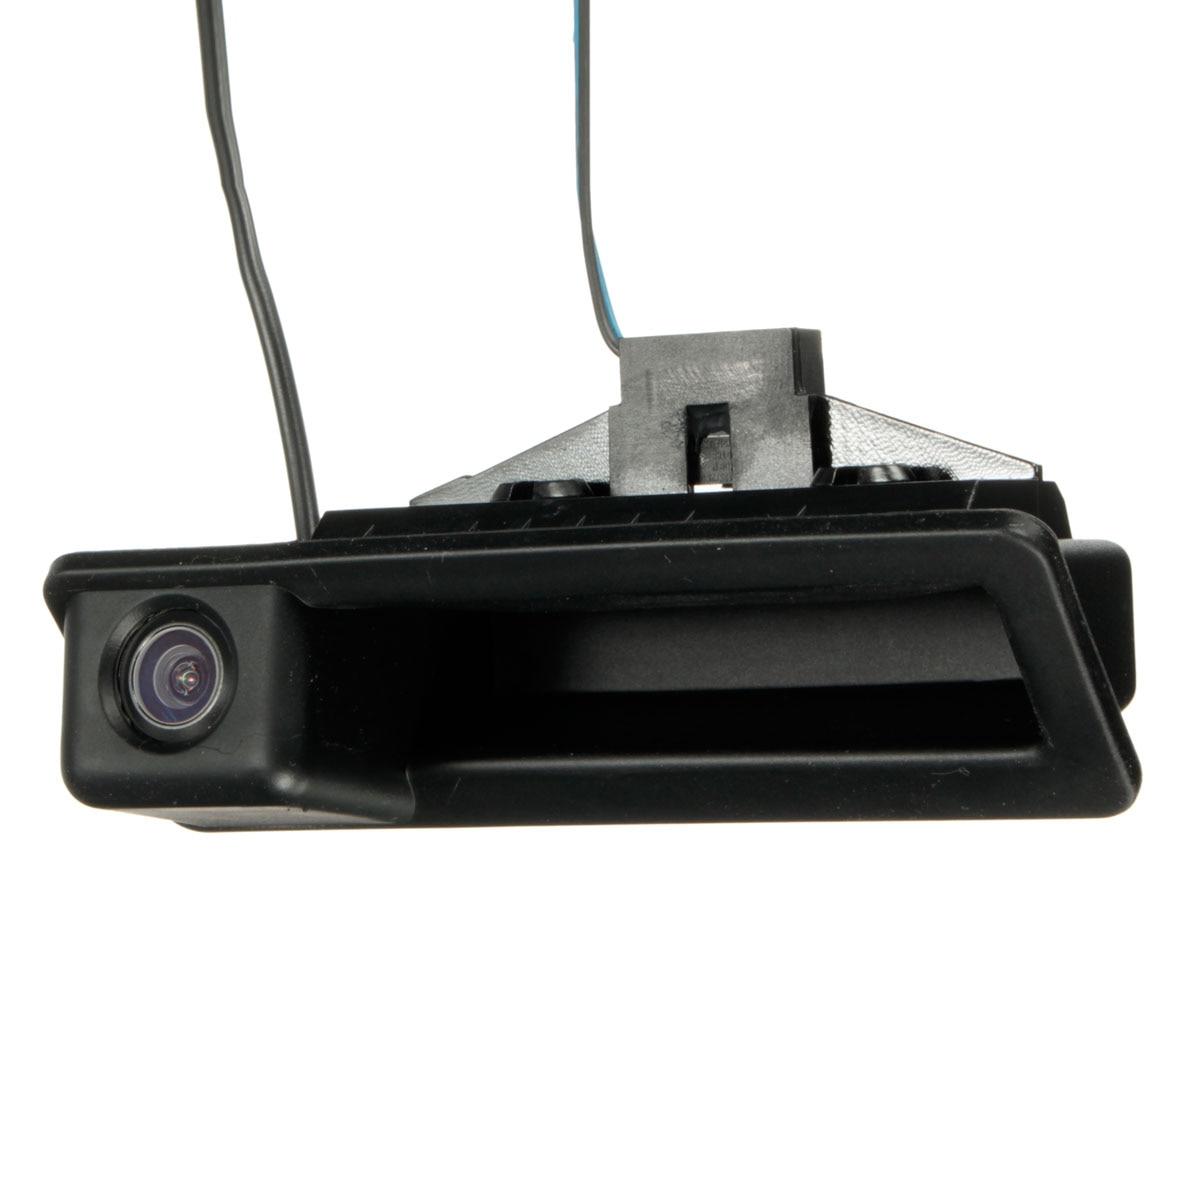 Auto CCD HD Rückansicht Kamera Reverse Griff Kamera FÜR BMW E82 E88 E84 E90 E91 E92 E93 E60 E61 e70 E71